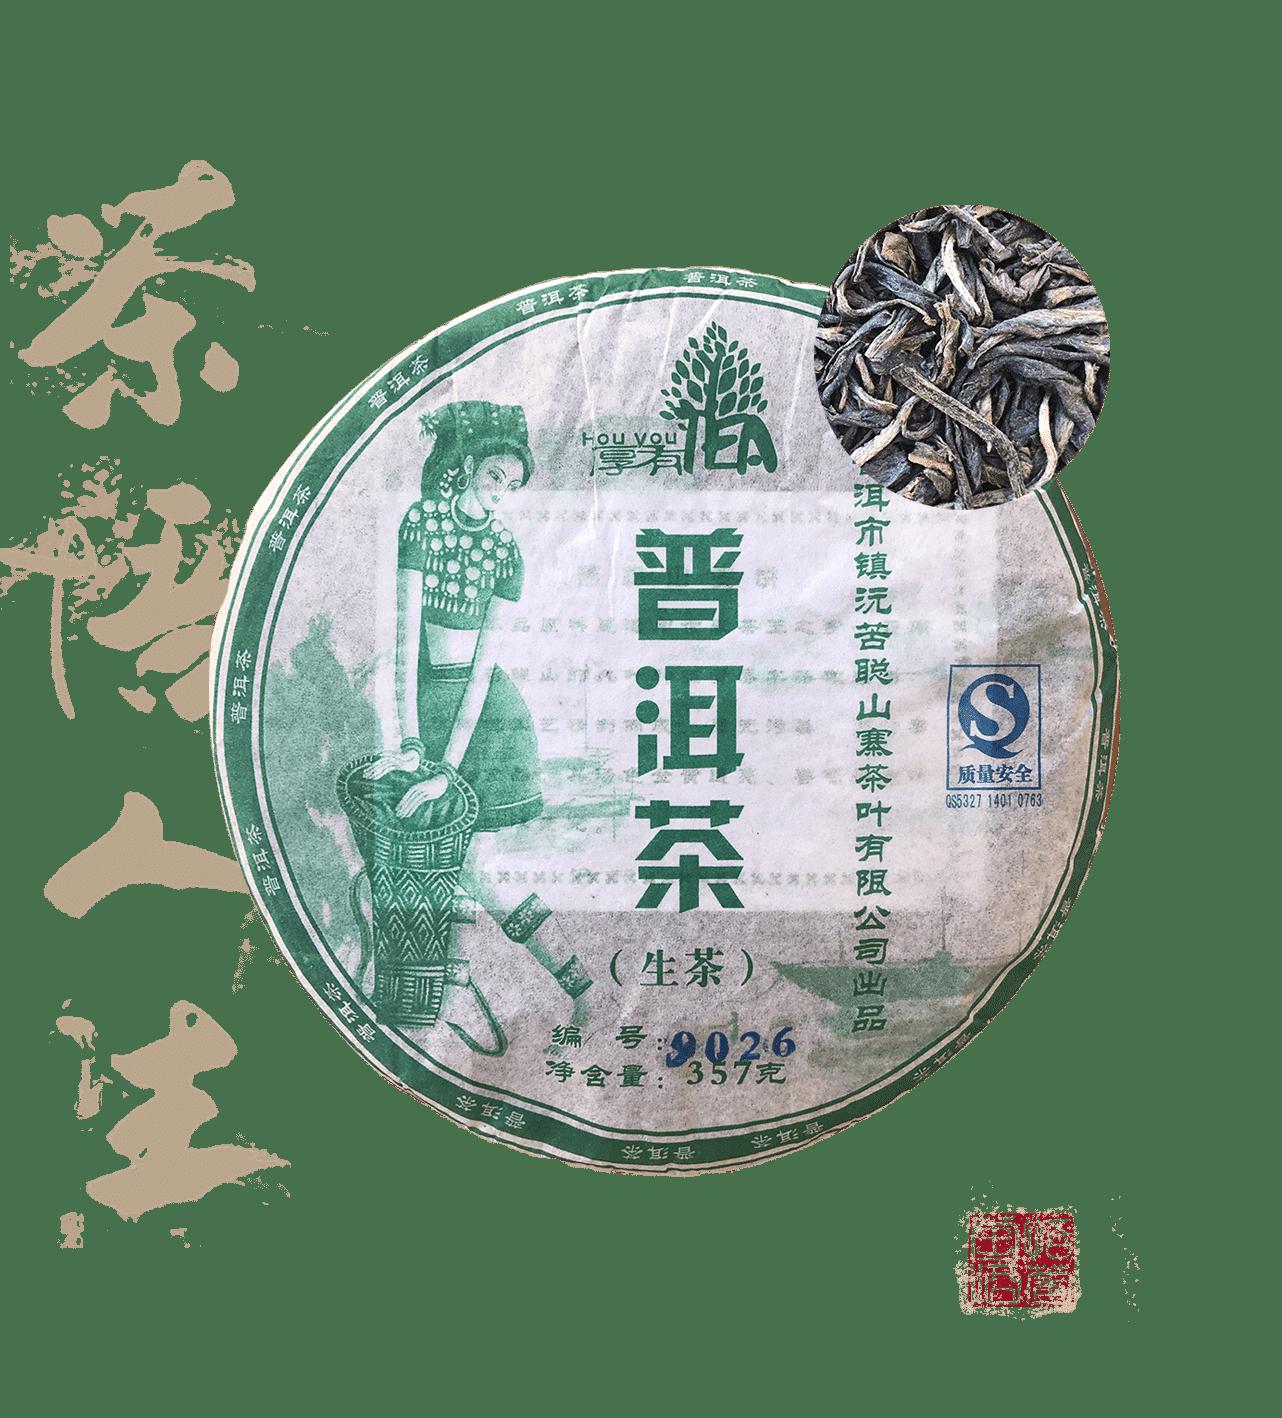 Hou You tea 9026 est une galette de thé pu erh cru sheng du yunnan